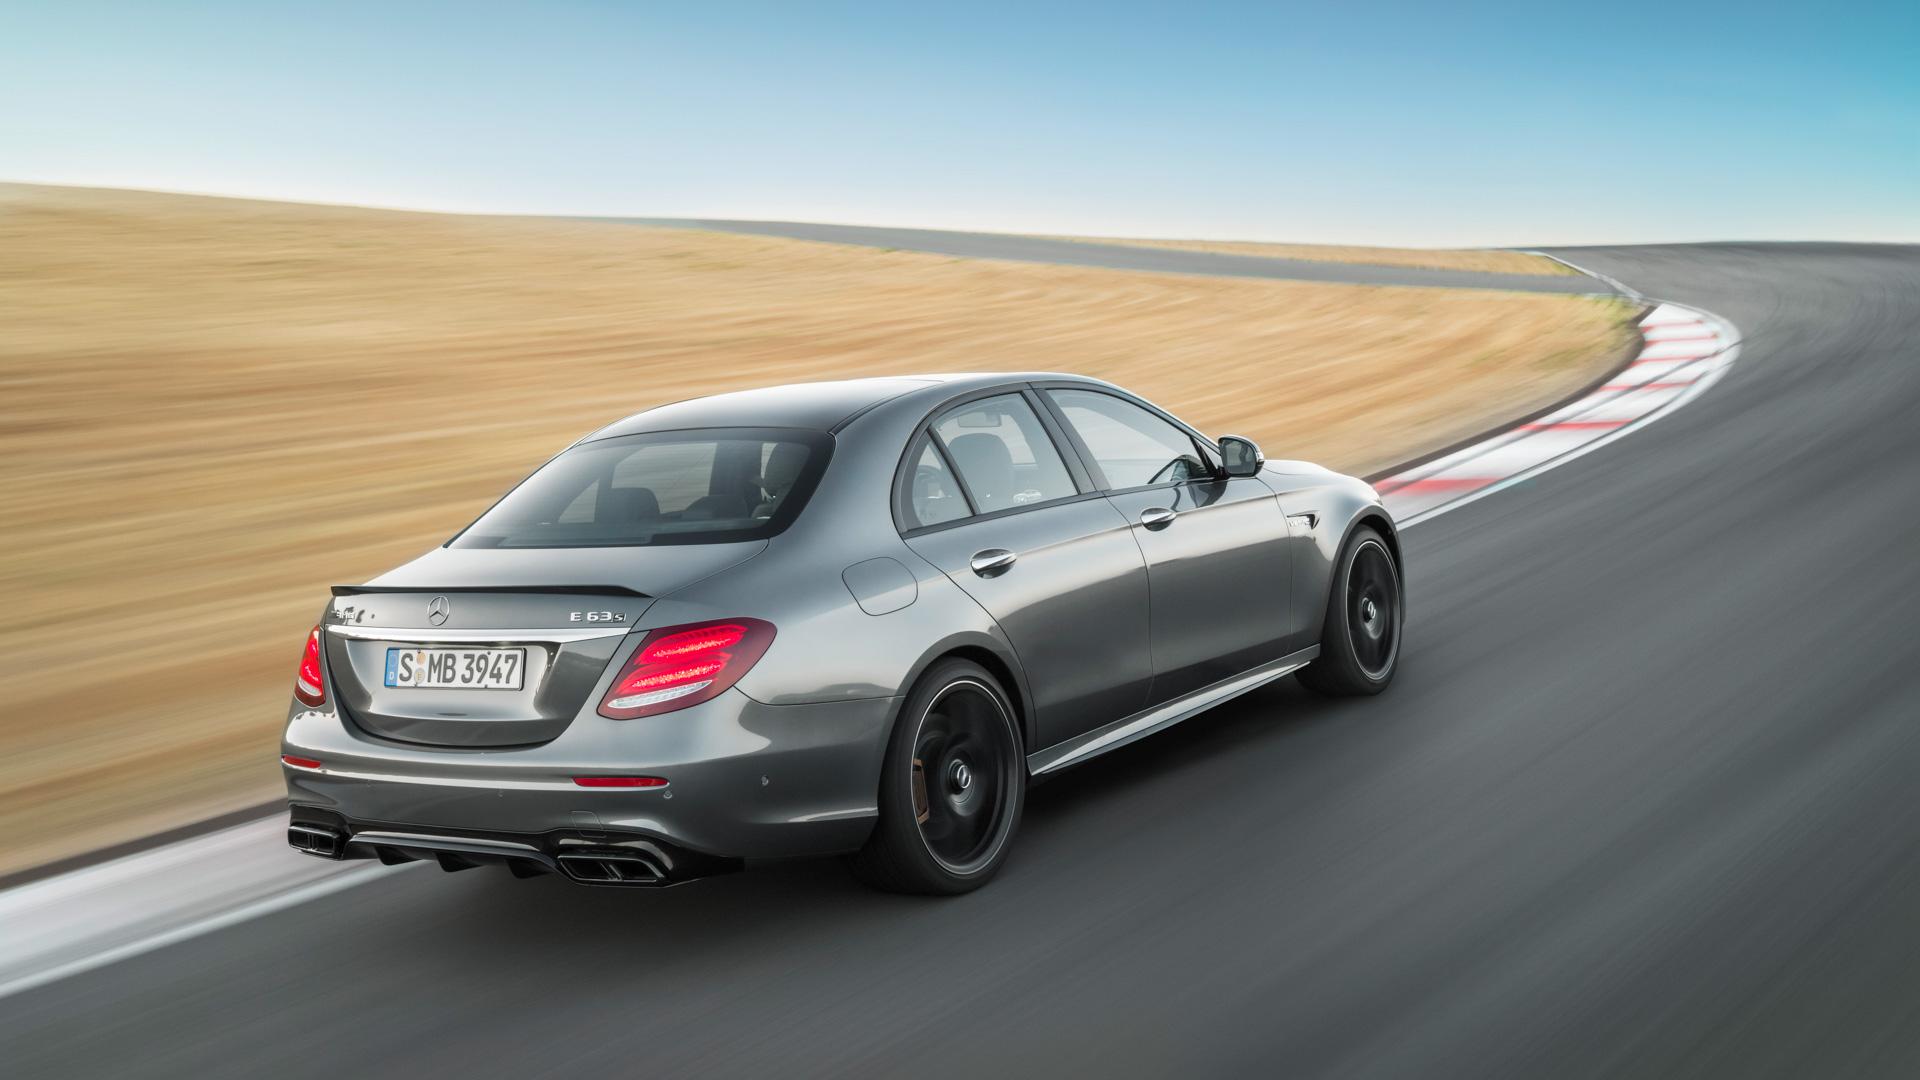 Тест-драйв сверхбыстрого Mercedes-AMG E63 S, который может переключаться сполного привода назадний иобратно. Фото 2